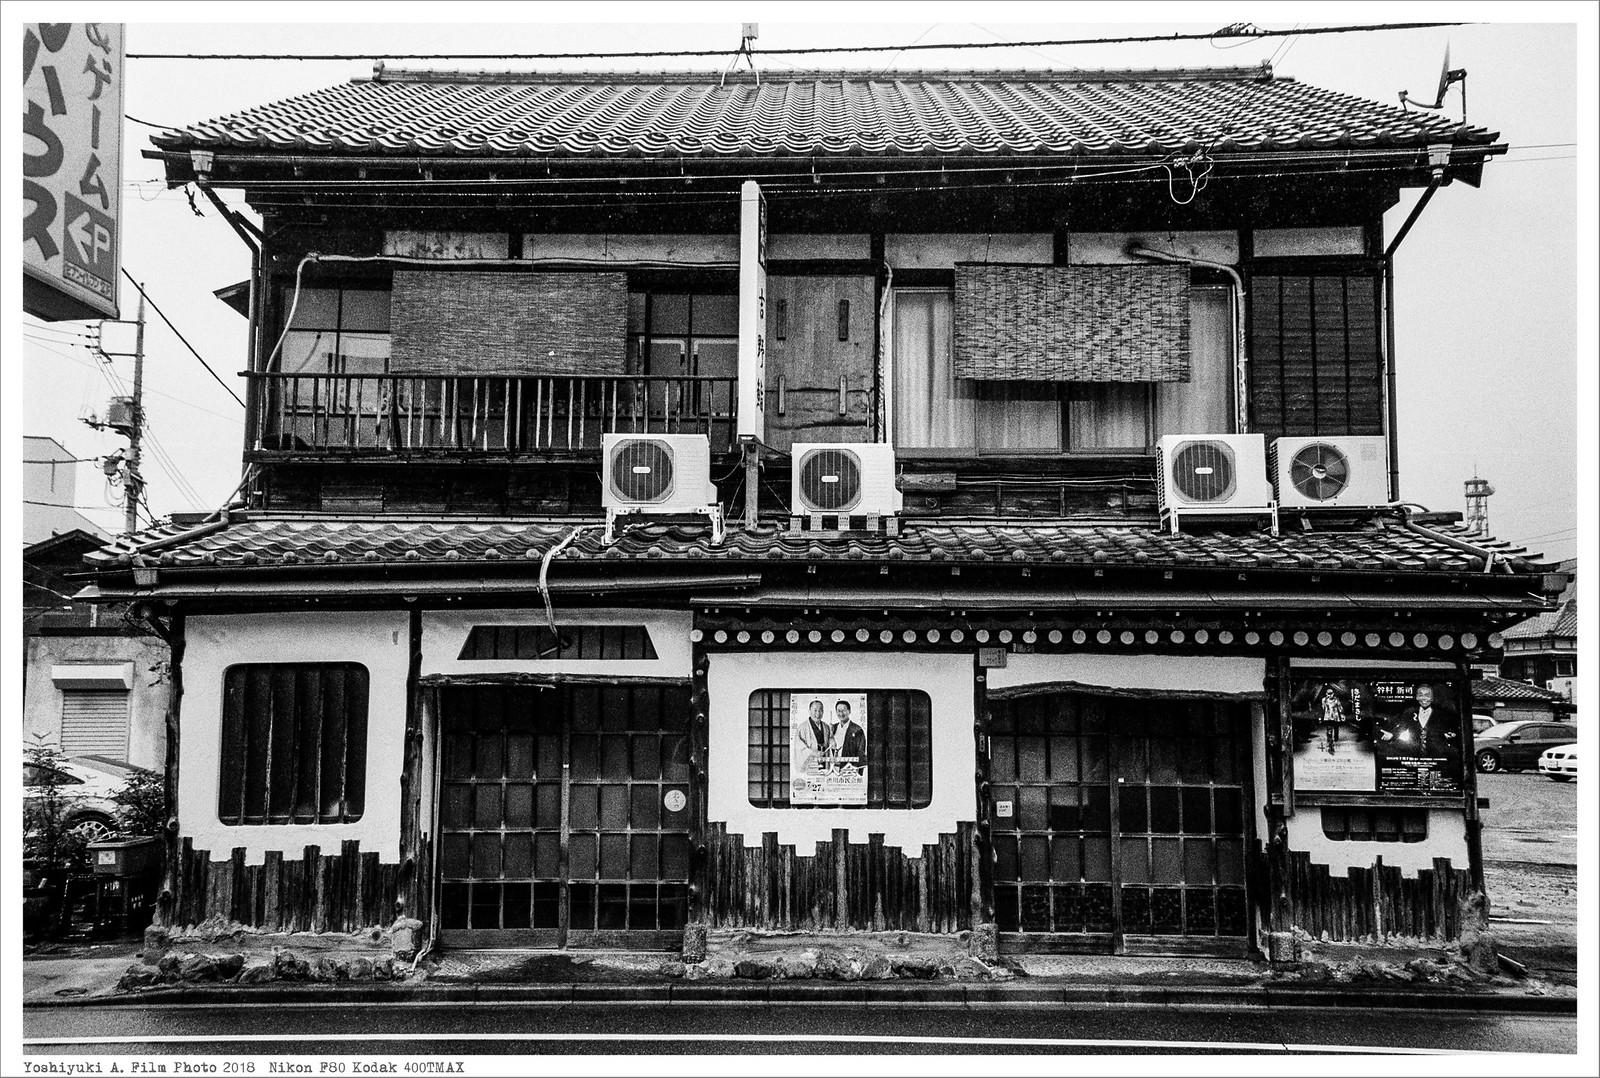 群馬県 桐生市 Nikon_F80_Kodak_400TMAX__27